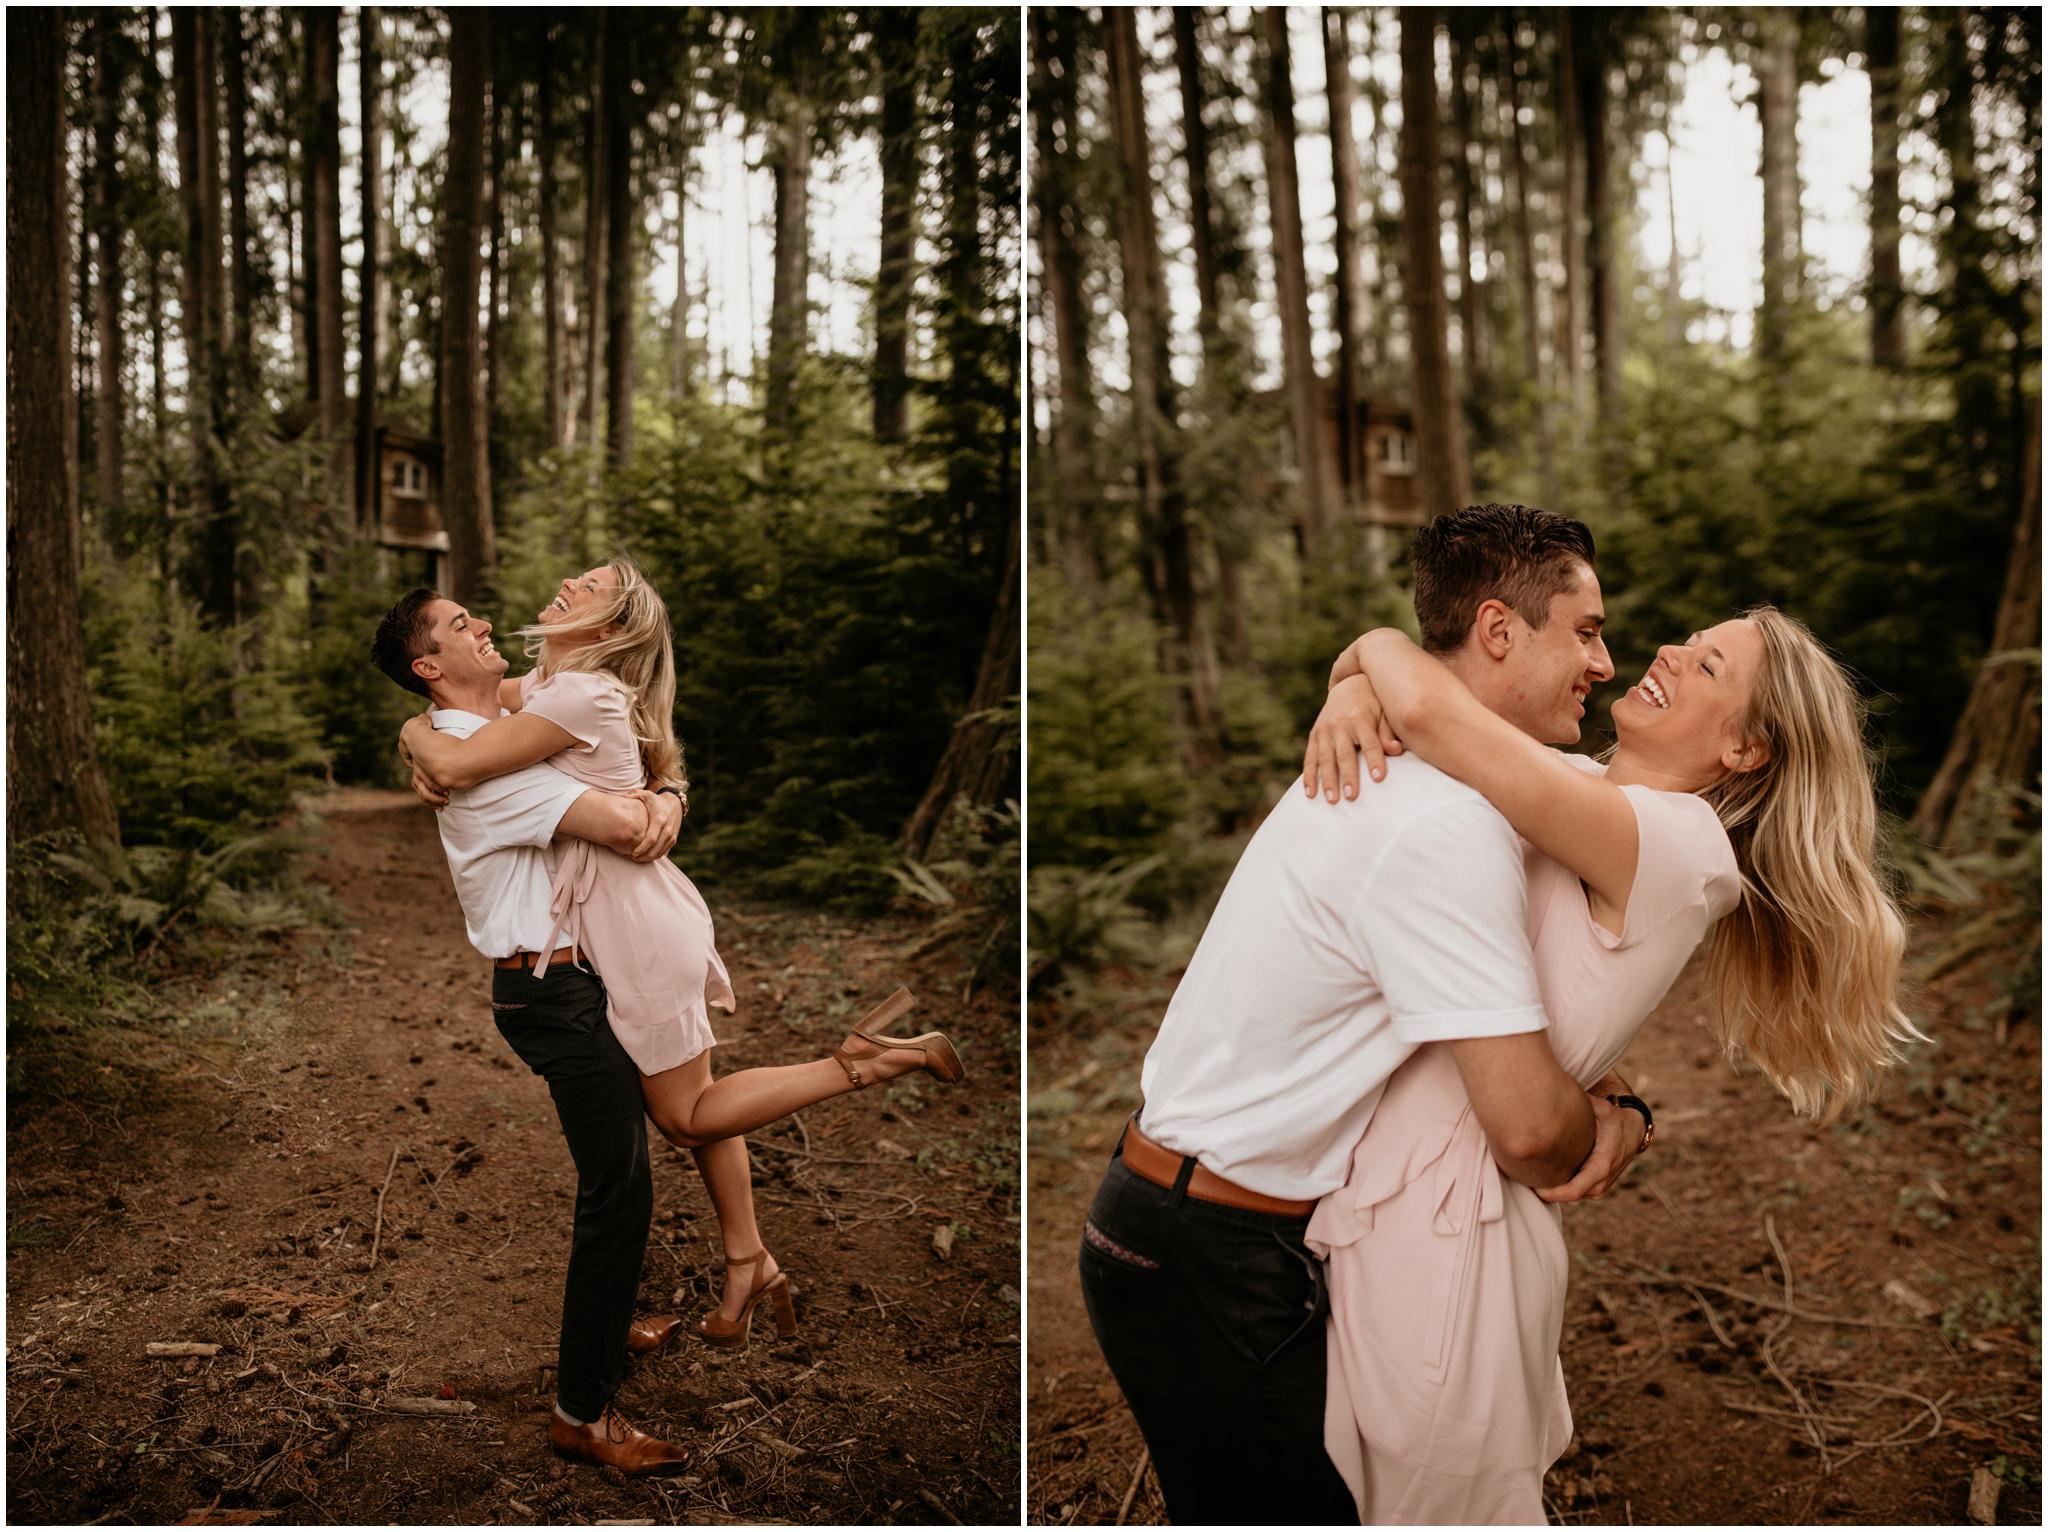 katie-nolan-rattlesnake-lake-engagement-session-seattle-wedding-photographer-010.jpg